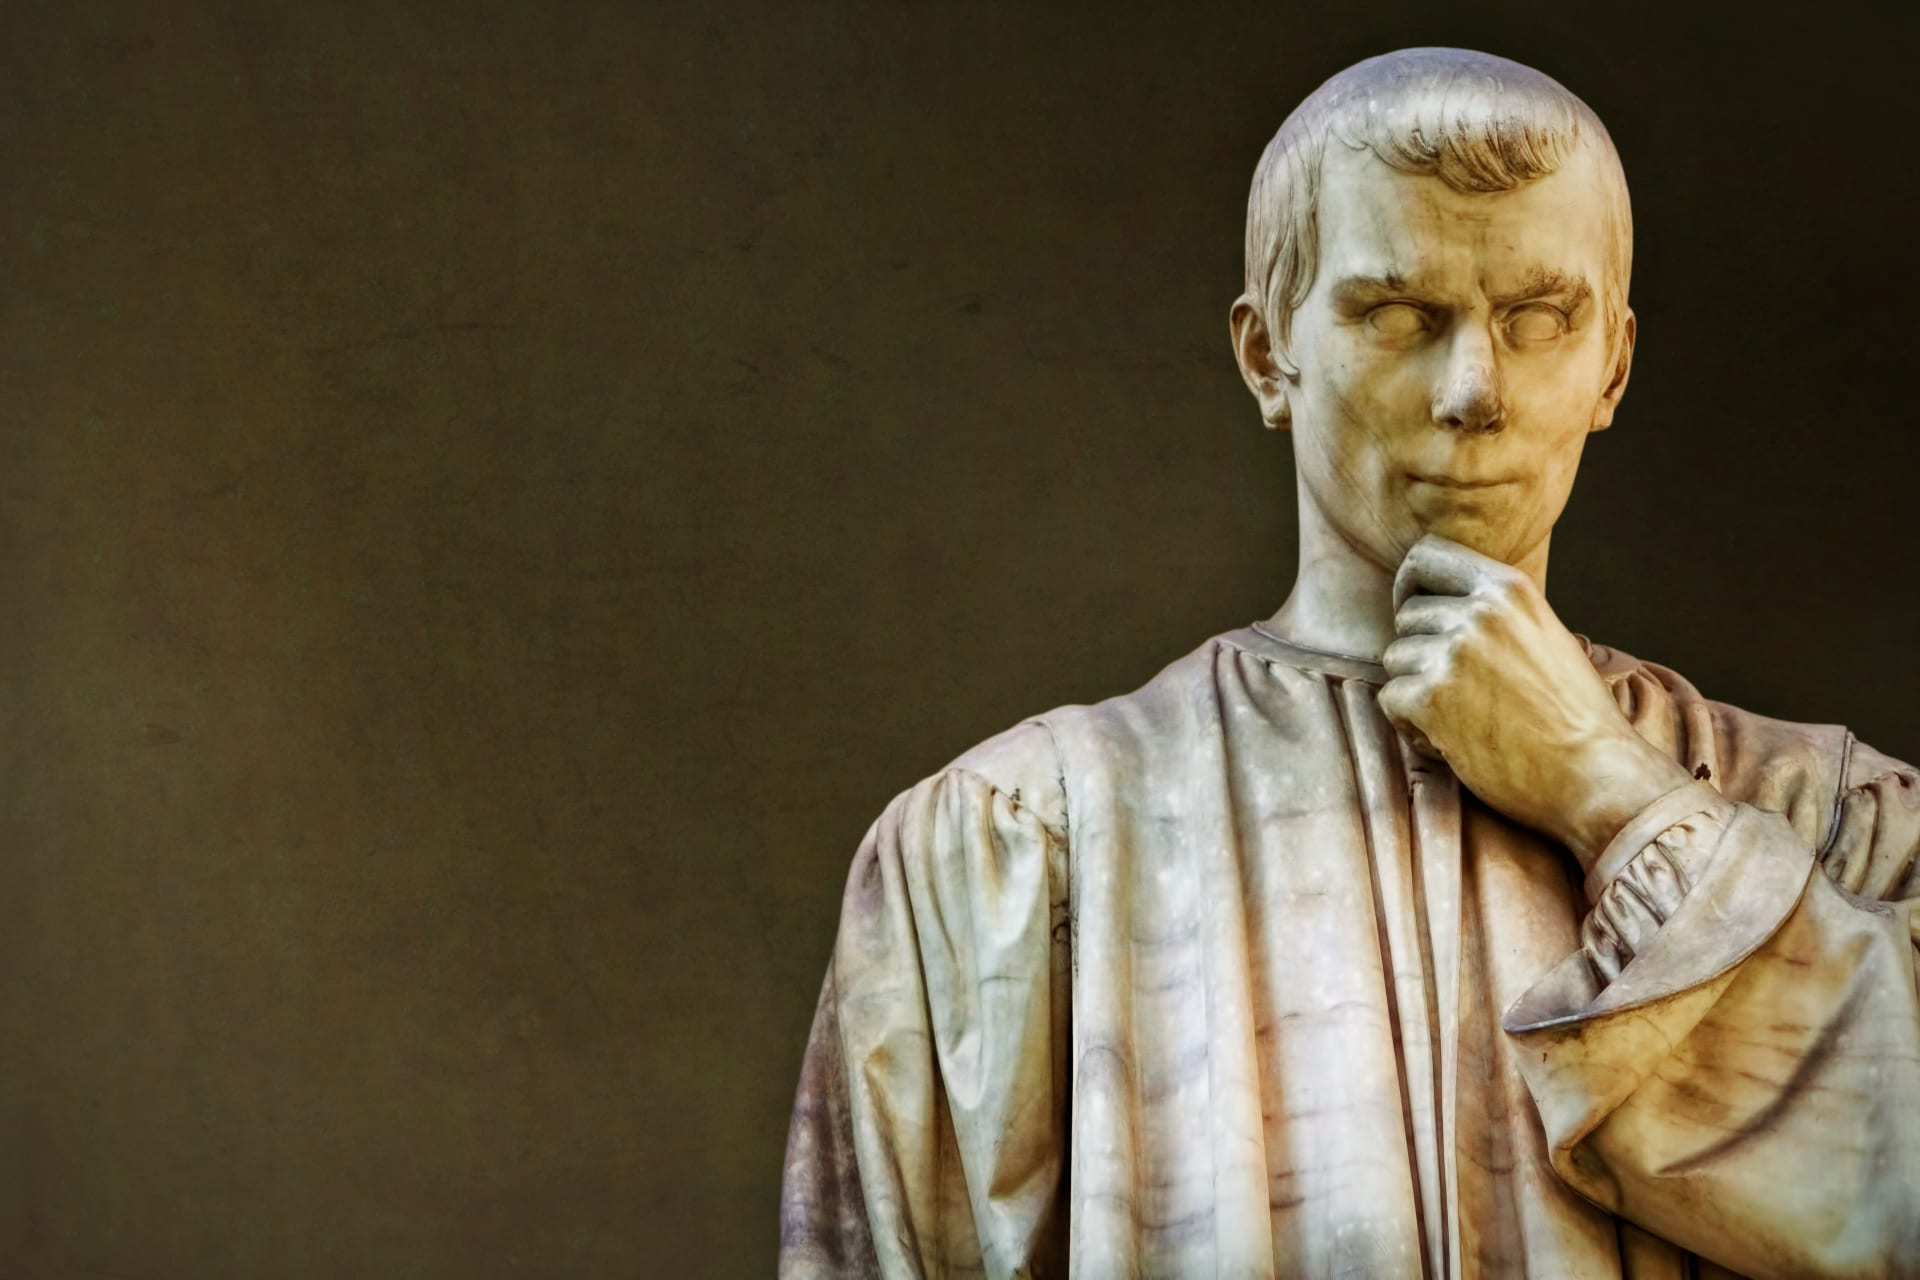 Manhattan Kansas - What Would Machiavelli Do?